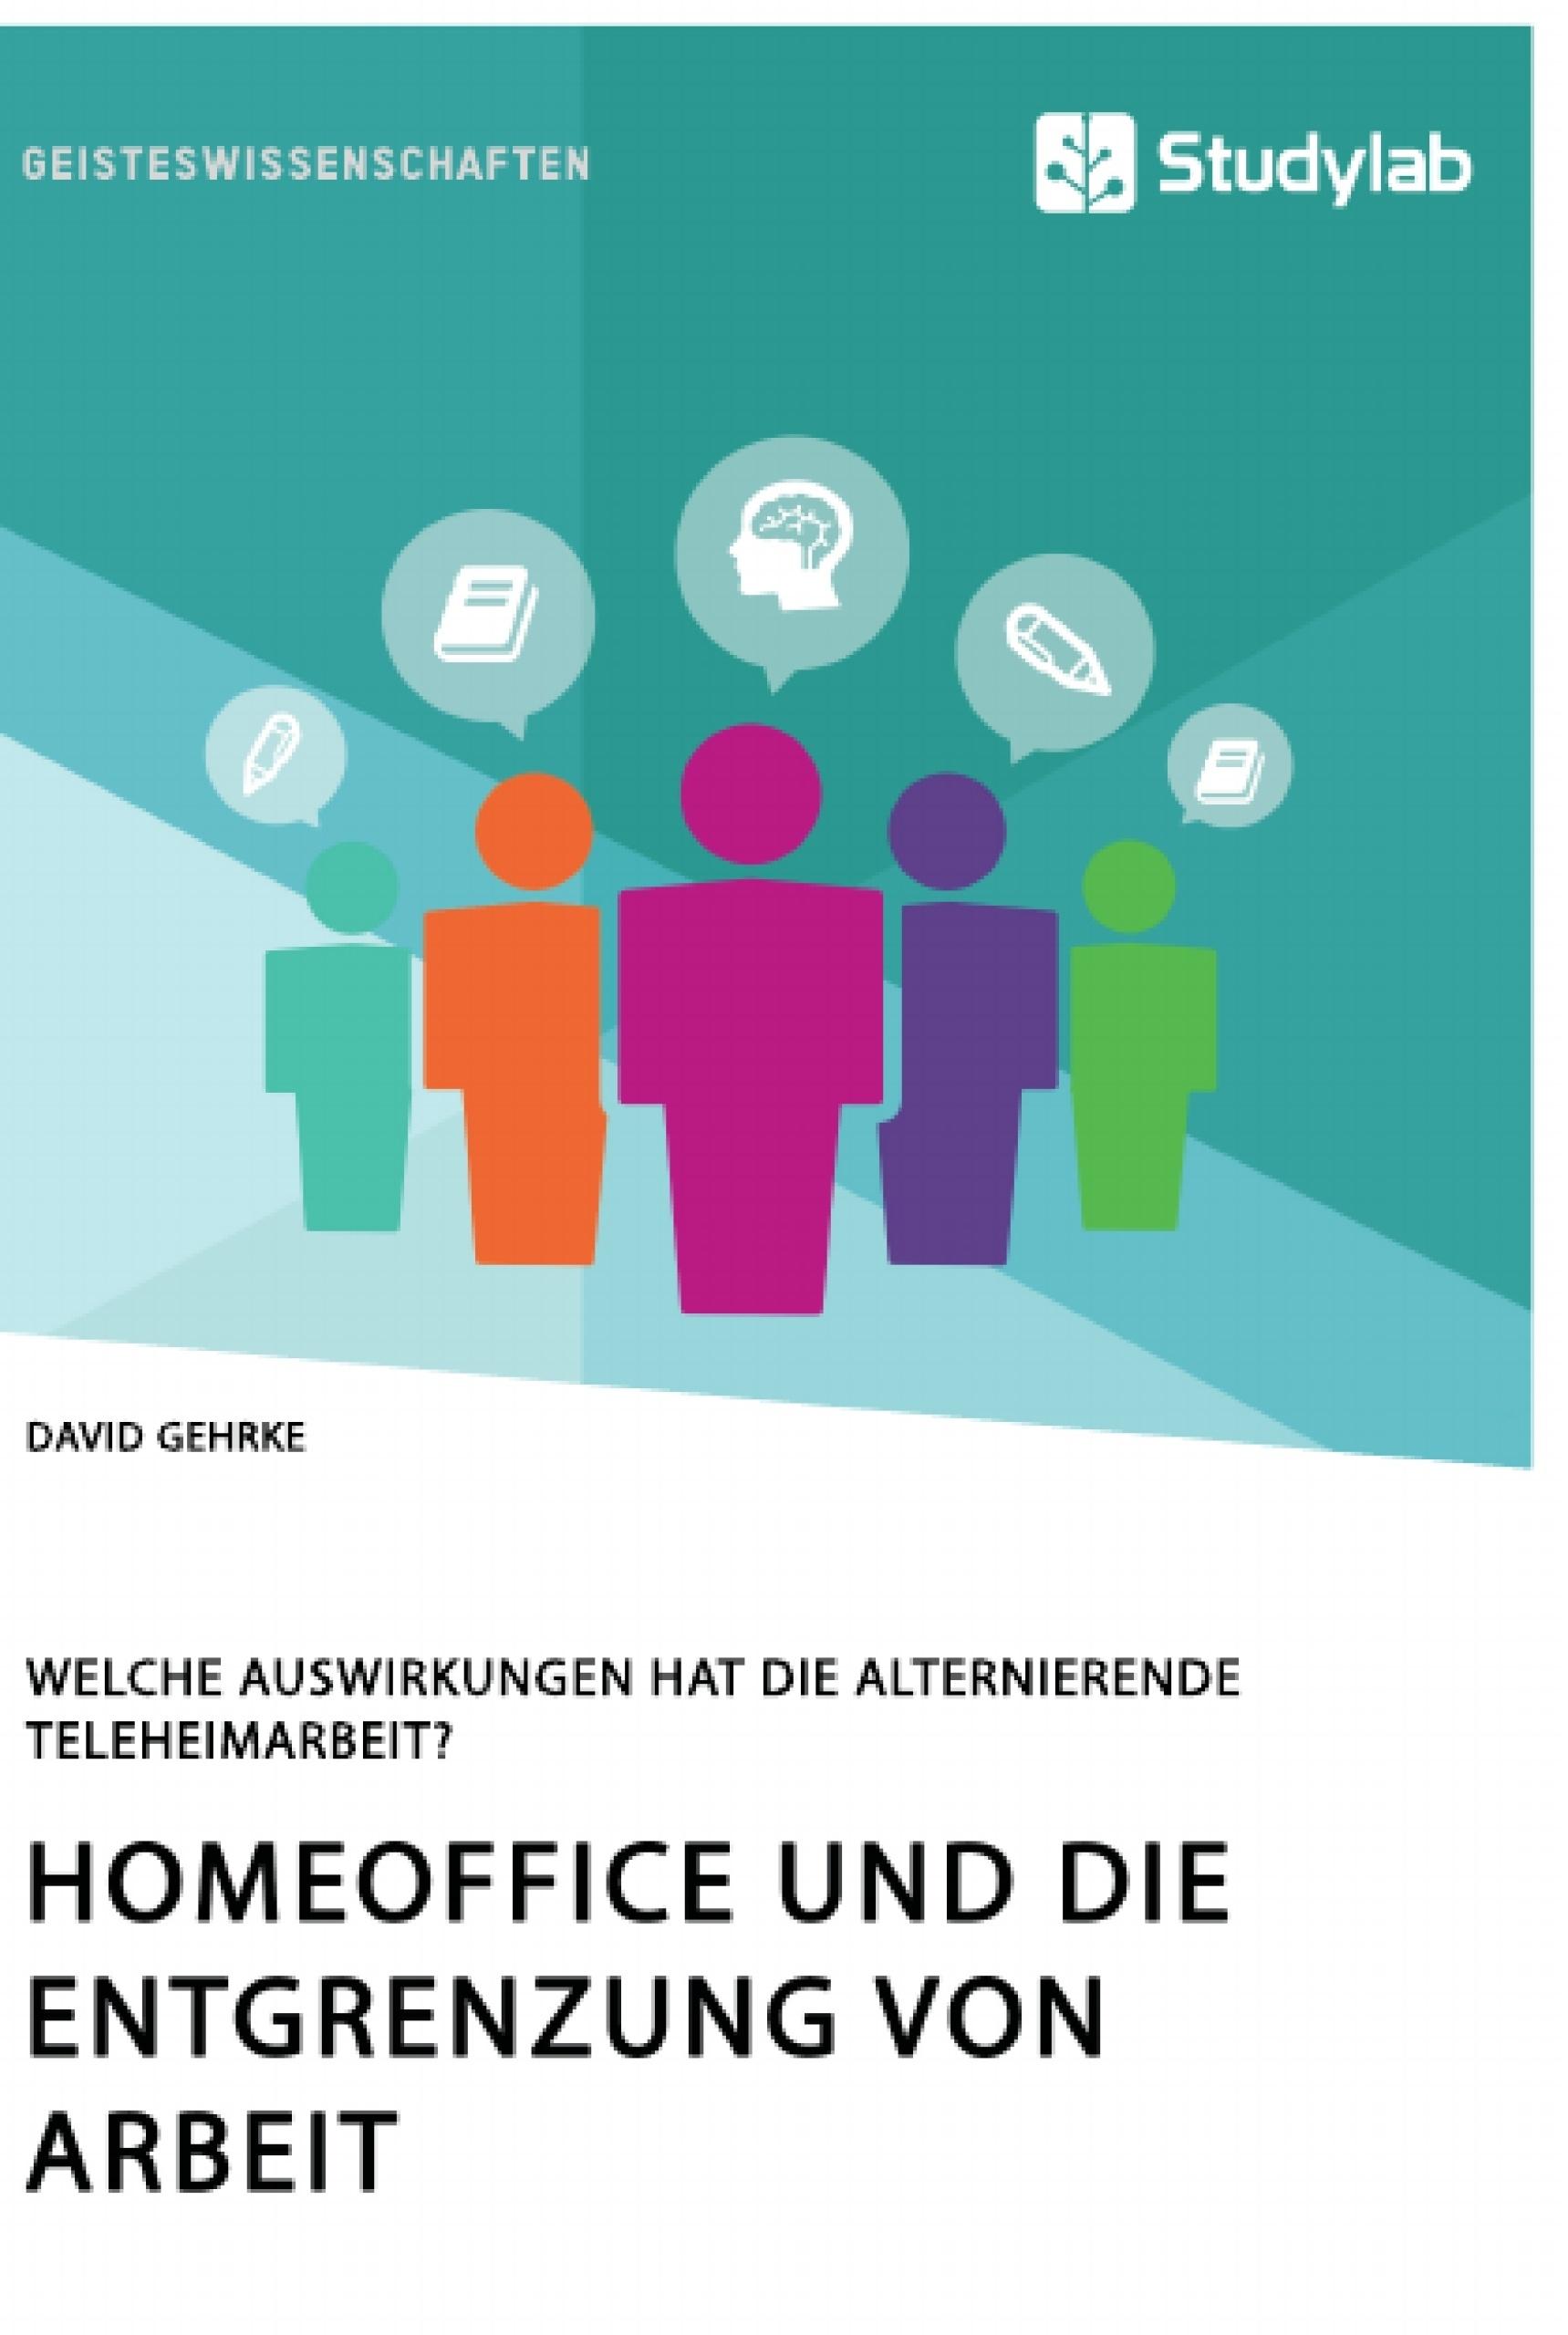 Titel: Homeoffice und die Entgrenzung von Arbeit. Welche Auswirkungen hat die alternierende Teleheimarbeit?